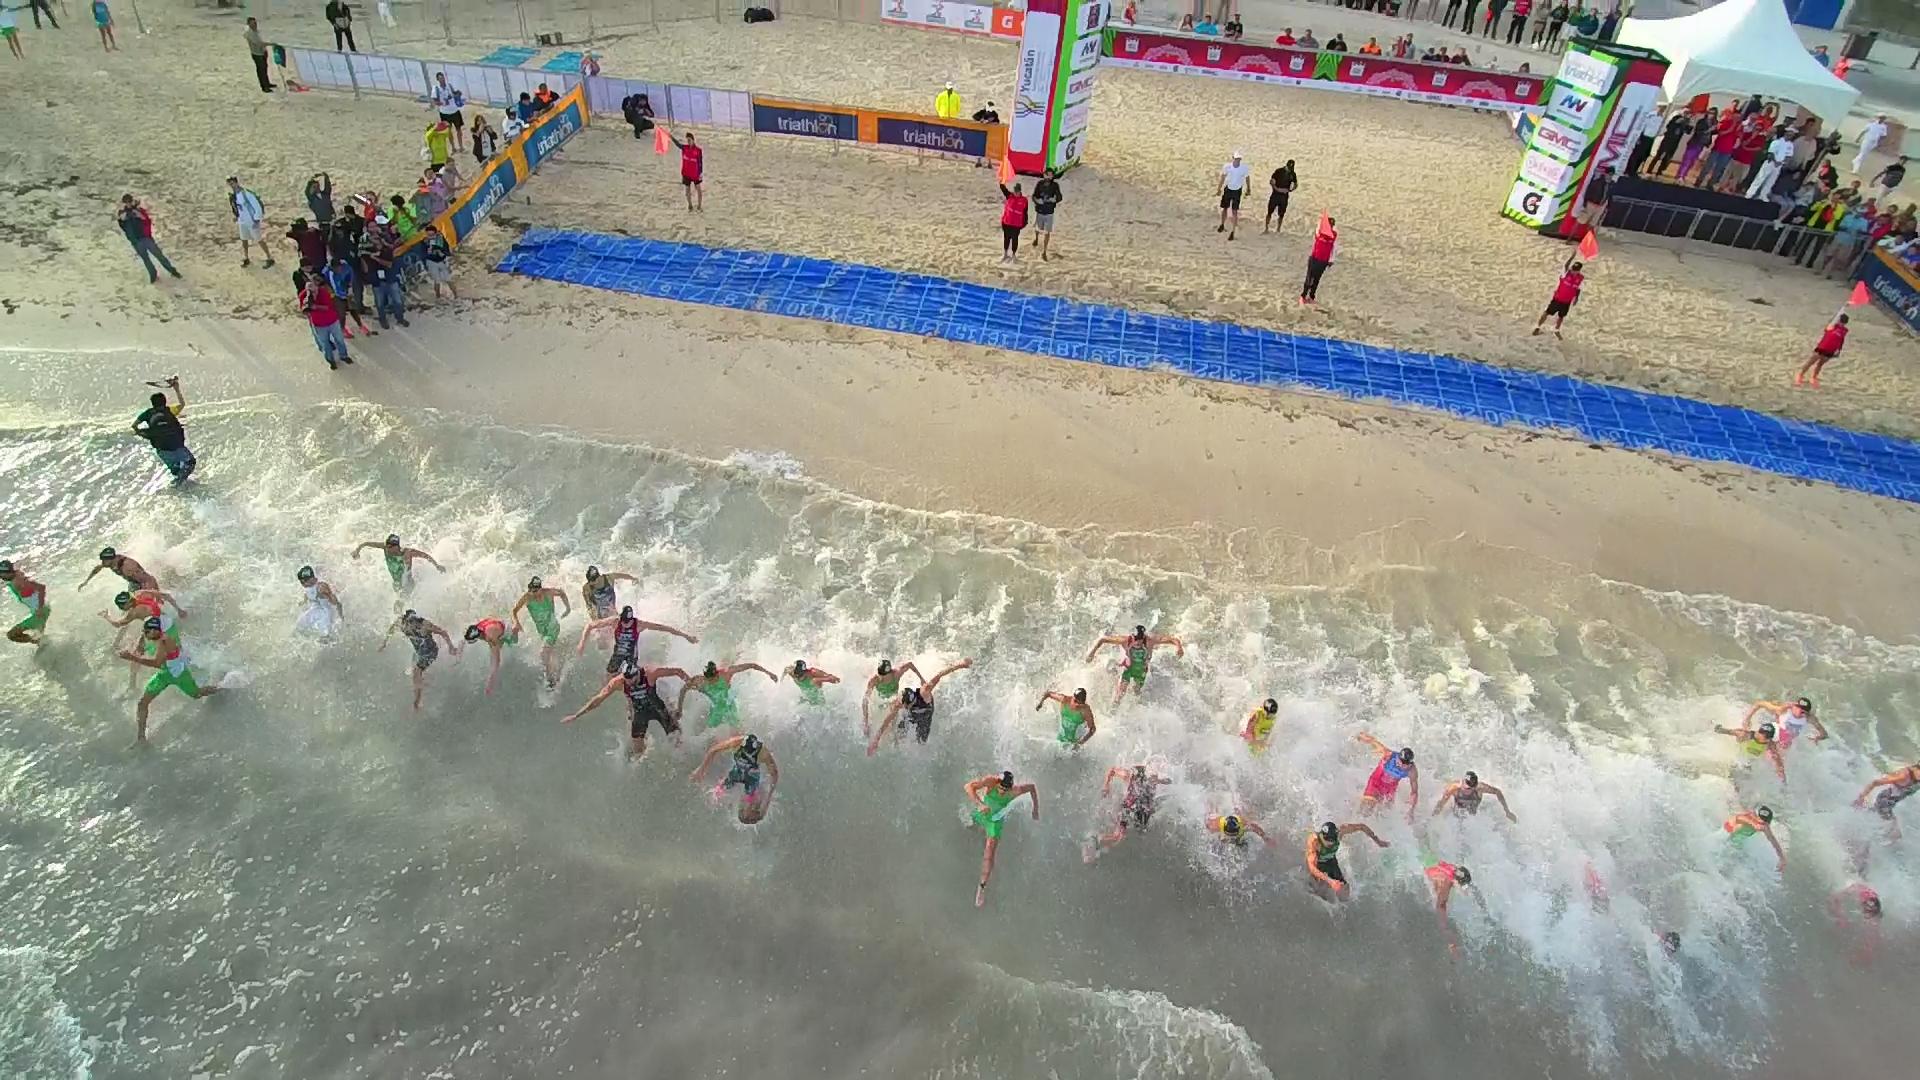 Perfilan Yucatán como capital deportiva en sureste del país